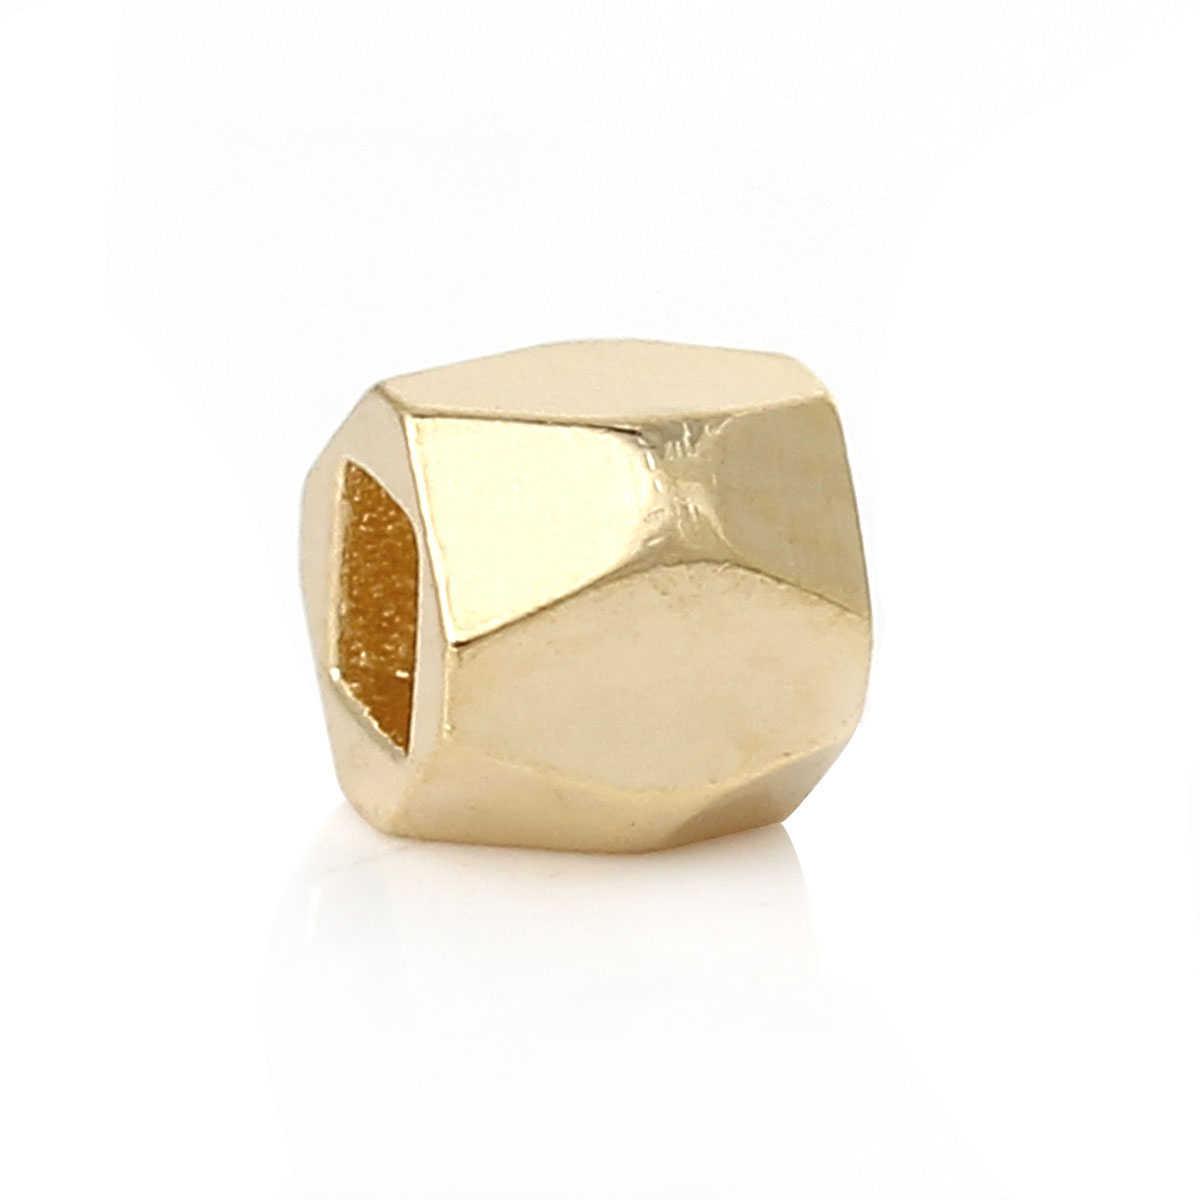 """DoreenBeads медные бусины-спейсеры Куб золотой цвет граненый около 3,4 мм (1/8 """") x 3,4 мм (1/8""""), отверстие: около 1,7 мм x 1,7 мм, 5 штук"""